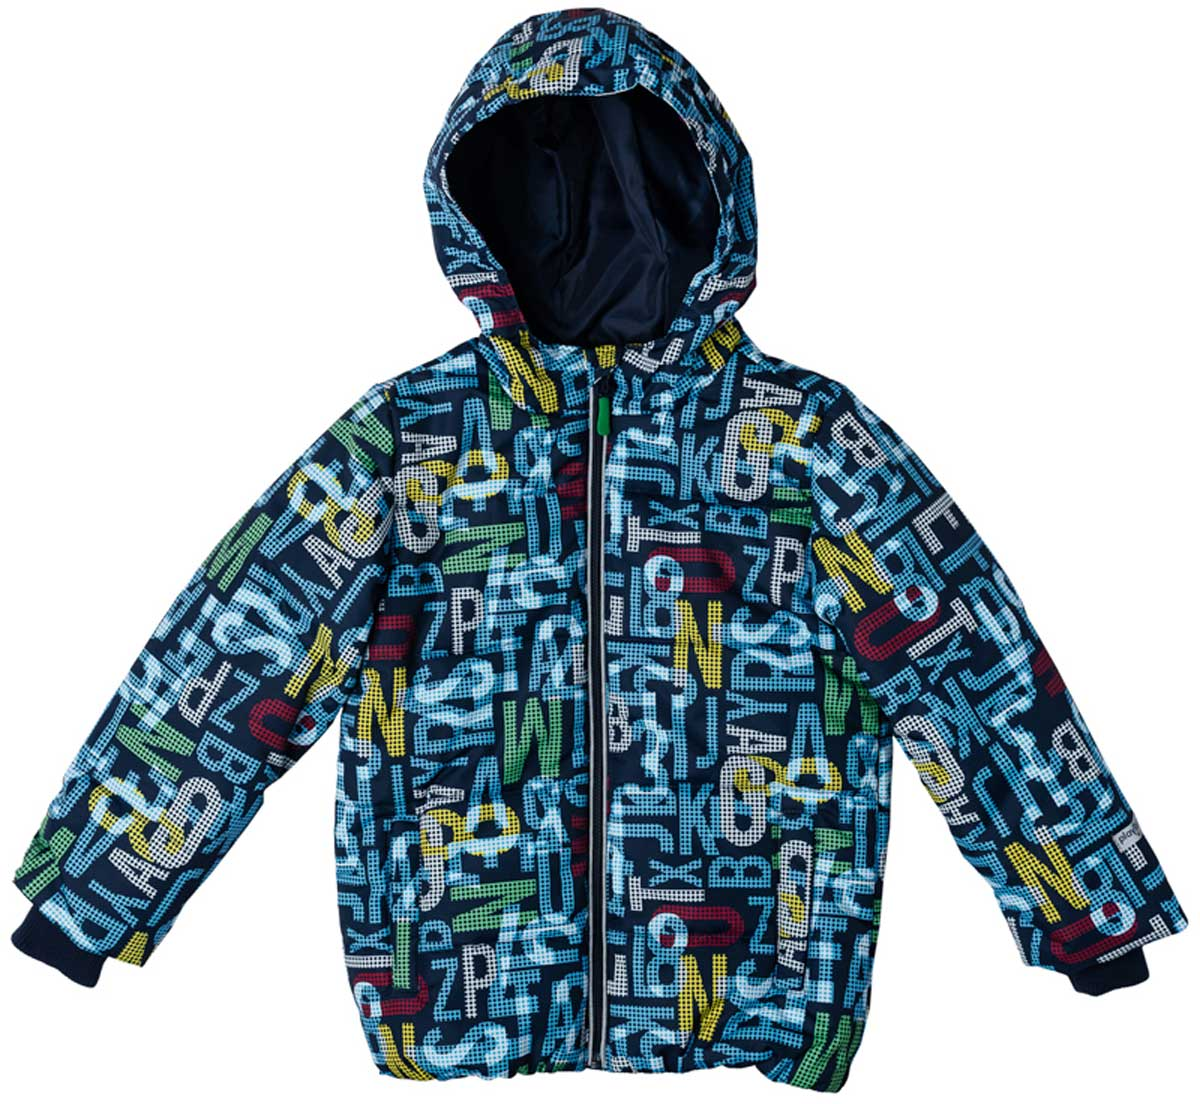 Куртка для мальчика PlayToday, цвет: темно-синий, голубой, темно-зеленый, темно-красный. 171001. Размер 110171001Практичная утепленная куртка со специальной водоотталкивающей пропиткой защитит вашего ребенка в любую погоду! Мягкие трикотажные резинки на рукавах защитят вашего ребенка - ветер не сможет проникнуть под куртку. Специальный карман для фиксации застежки-молнии не позволит застежке травмировать нежную детскую кожу. Даже у самого активного ребенка капюшон не спадет с головы за счет удобного регулируемого шнура - кулиски. Модель снабжена светоотражателями на рукаве и по низу изделия - ваш ребенок будет виден даже в темное время суток